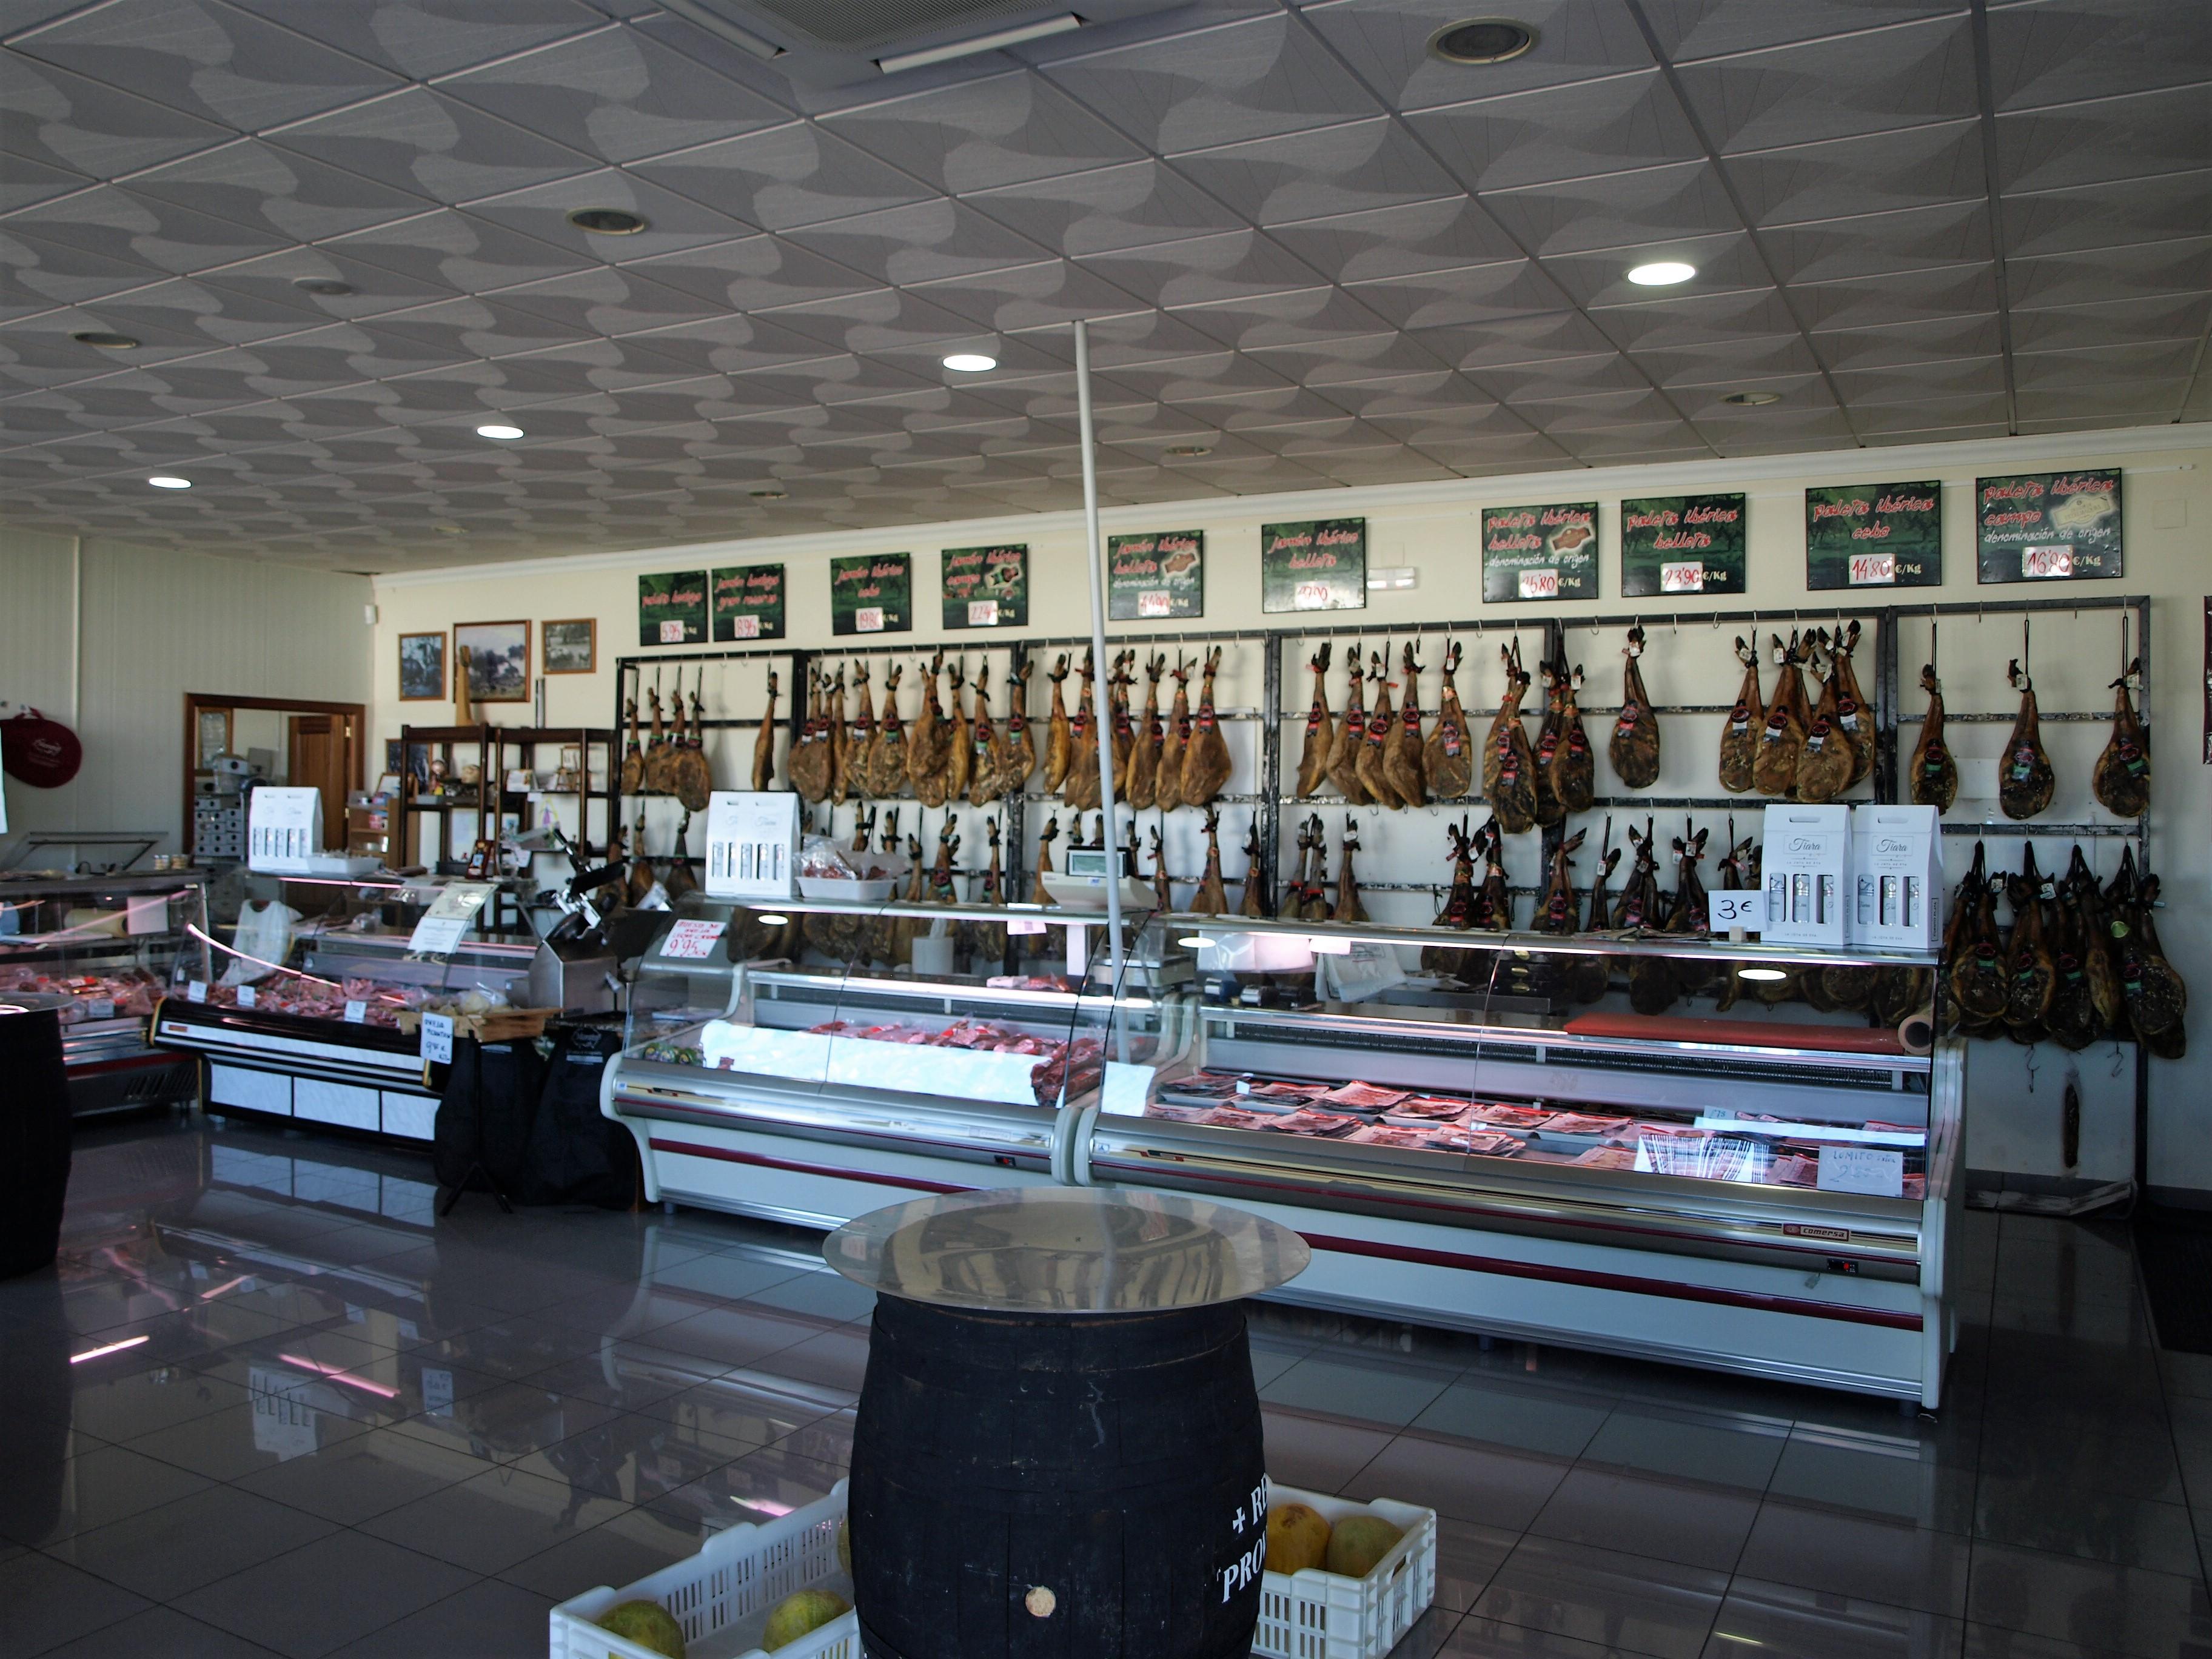 España - Fábrica y distribución de jamones y embutidos de Extremadura Morato